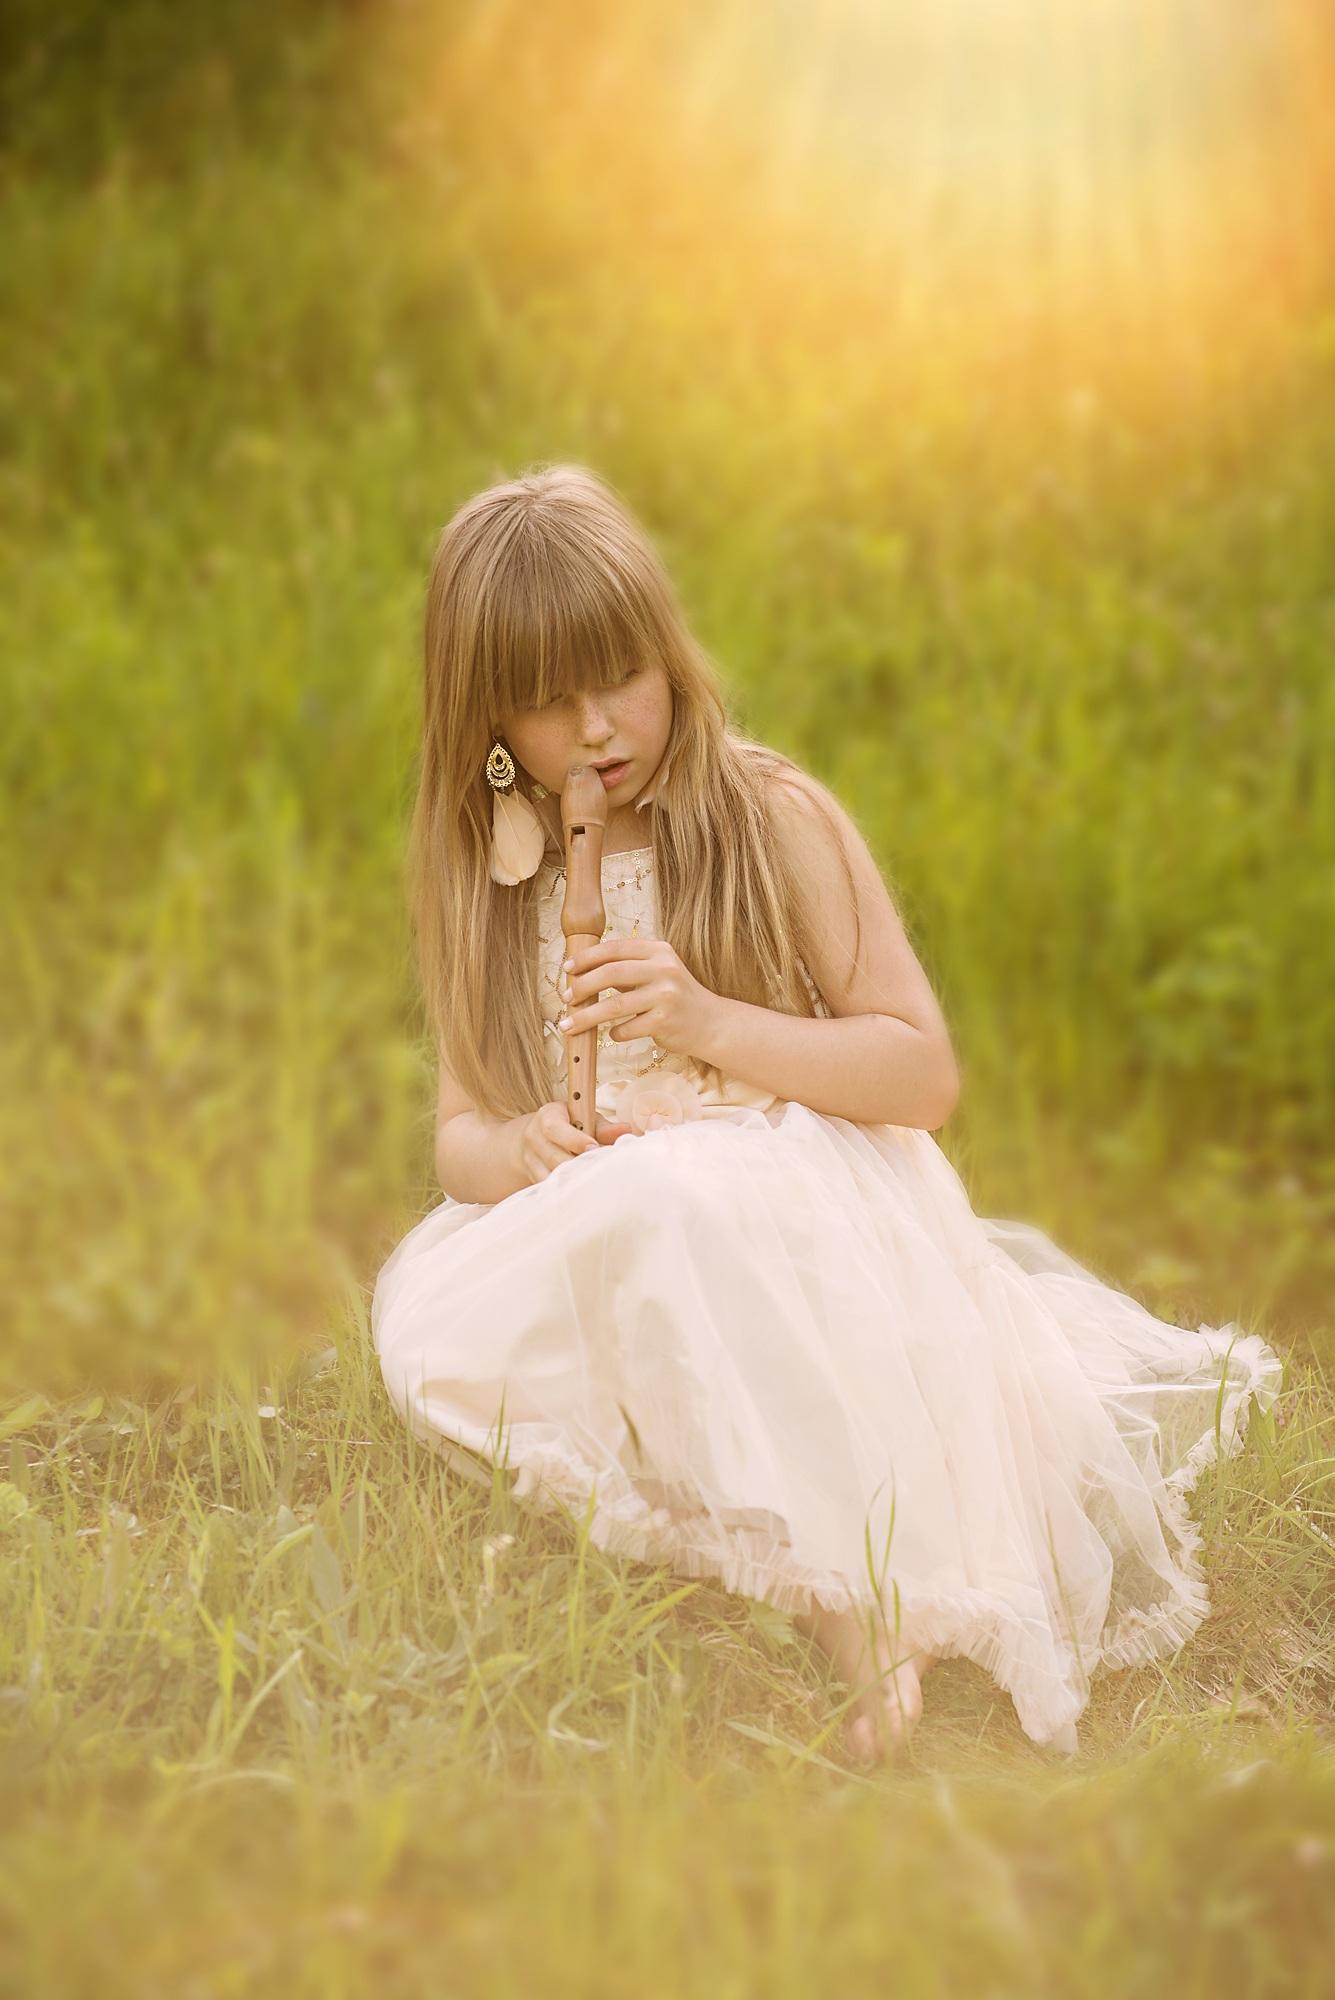 Princess photo